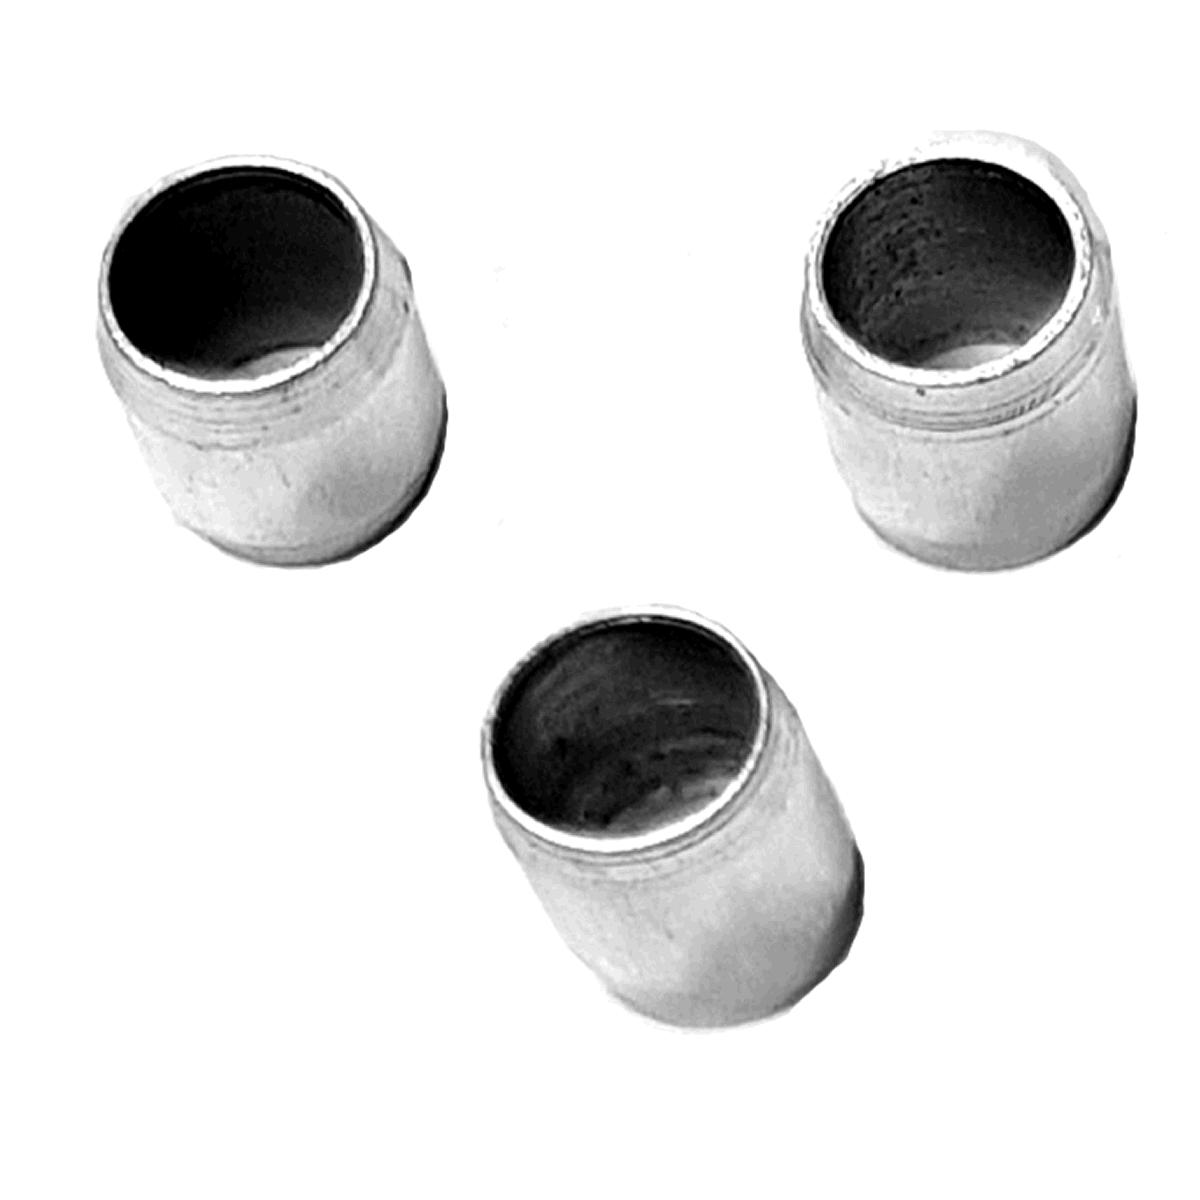 Kit Tubo de Alta GNV Revestido 4 Fixações e Conexões Qualquer Geração